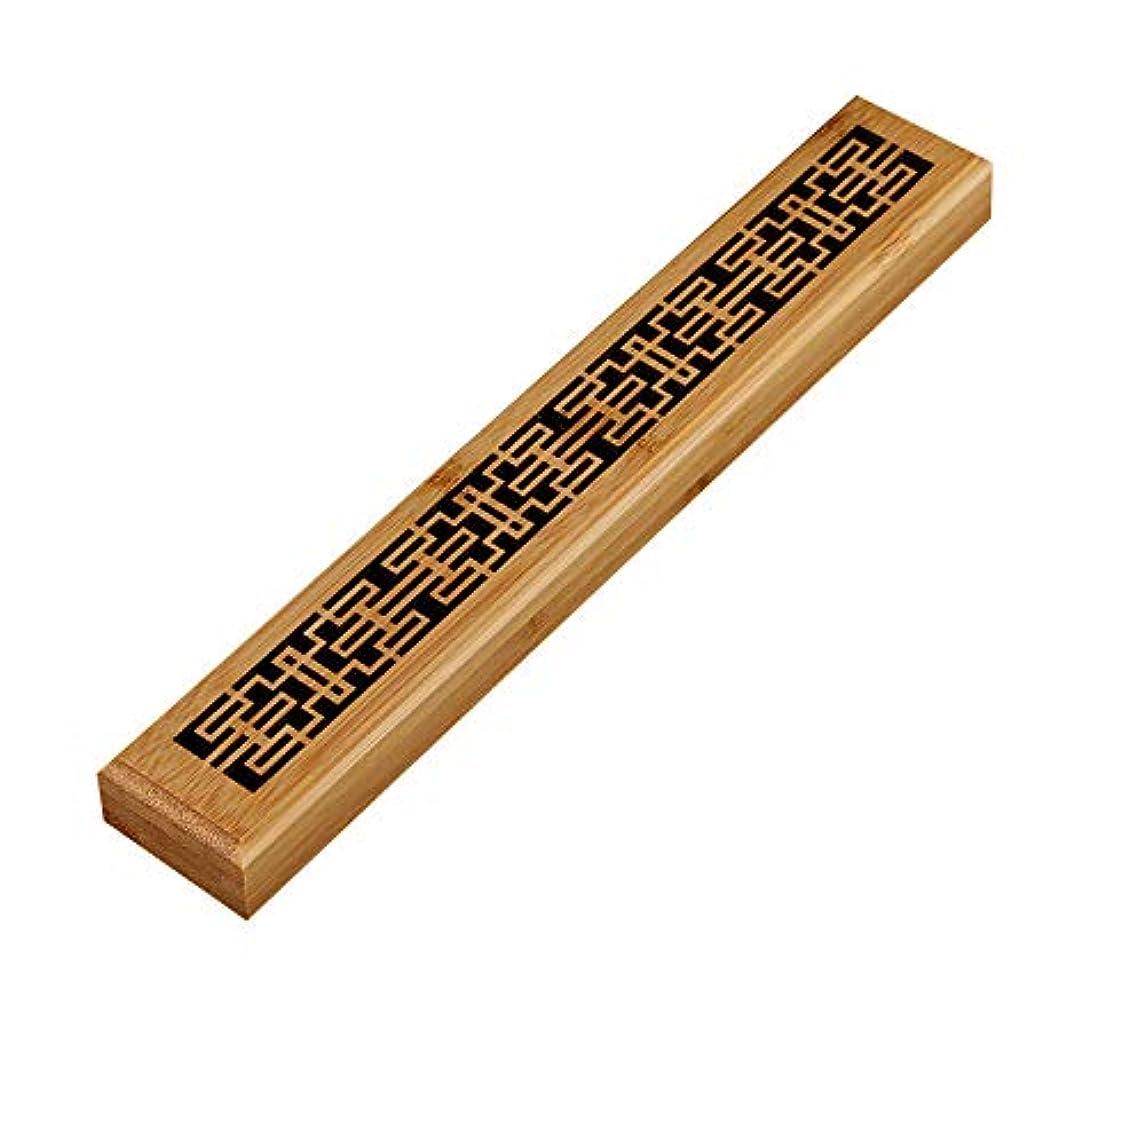 レプリカ読みやすさパイ便利な竹香りボックス彫刻ライン香ボックス香り竹中空香炉木材工芸品 (ハイウィンドウ)